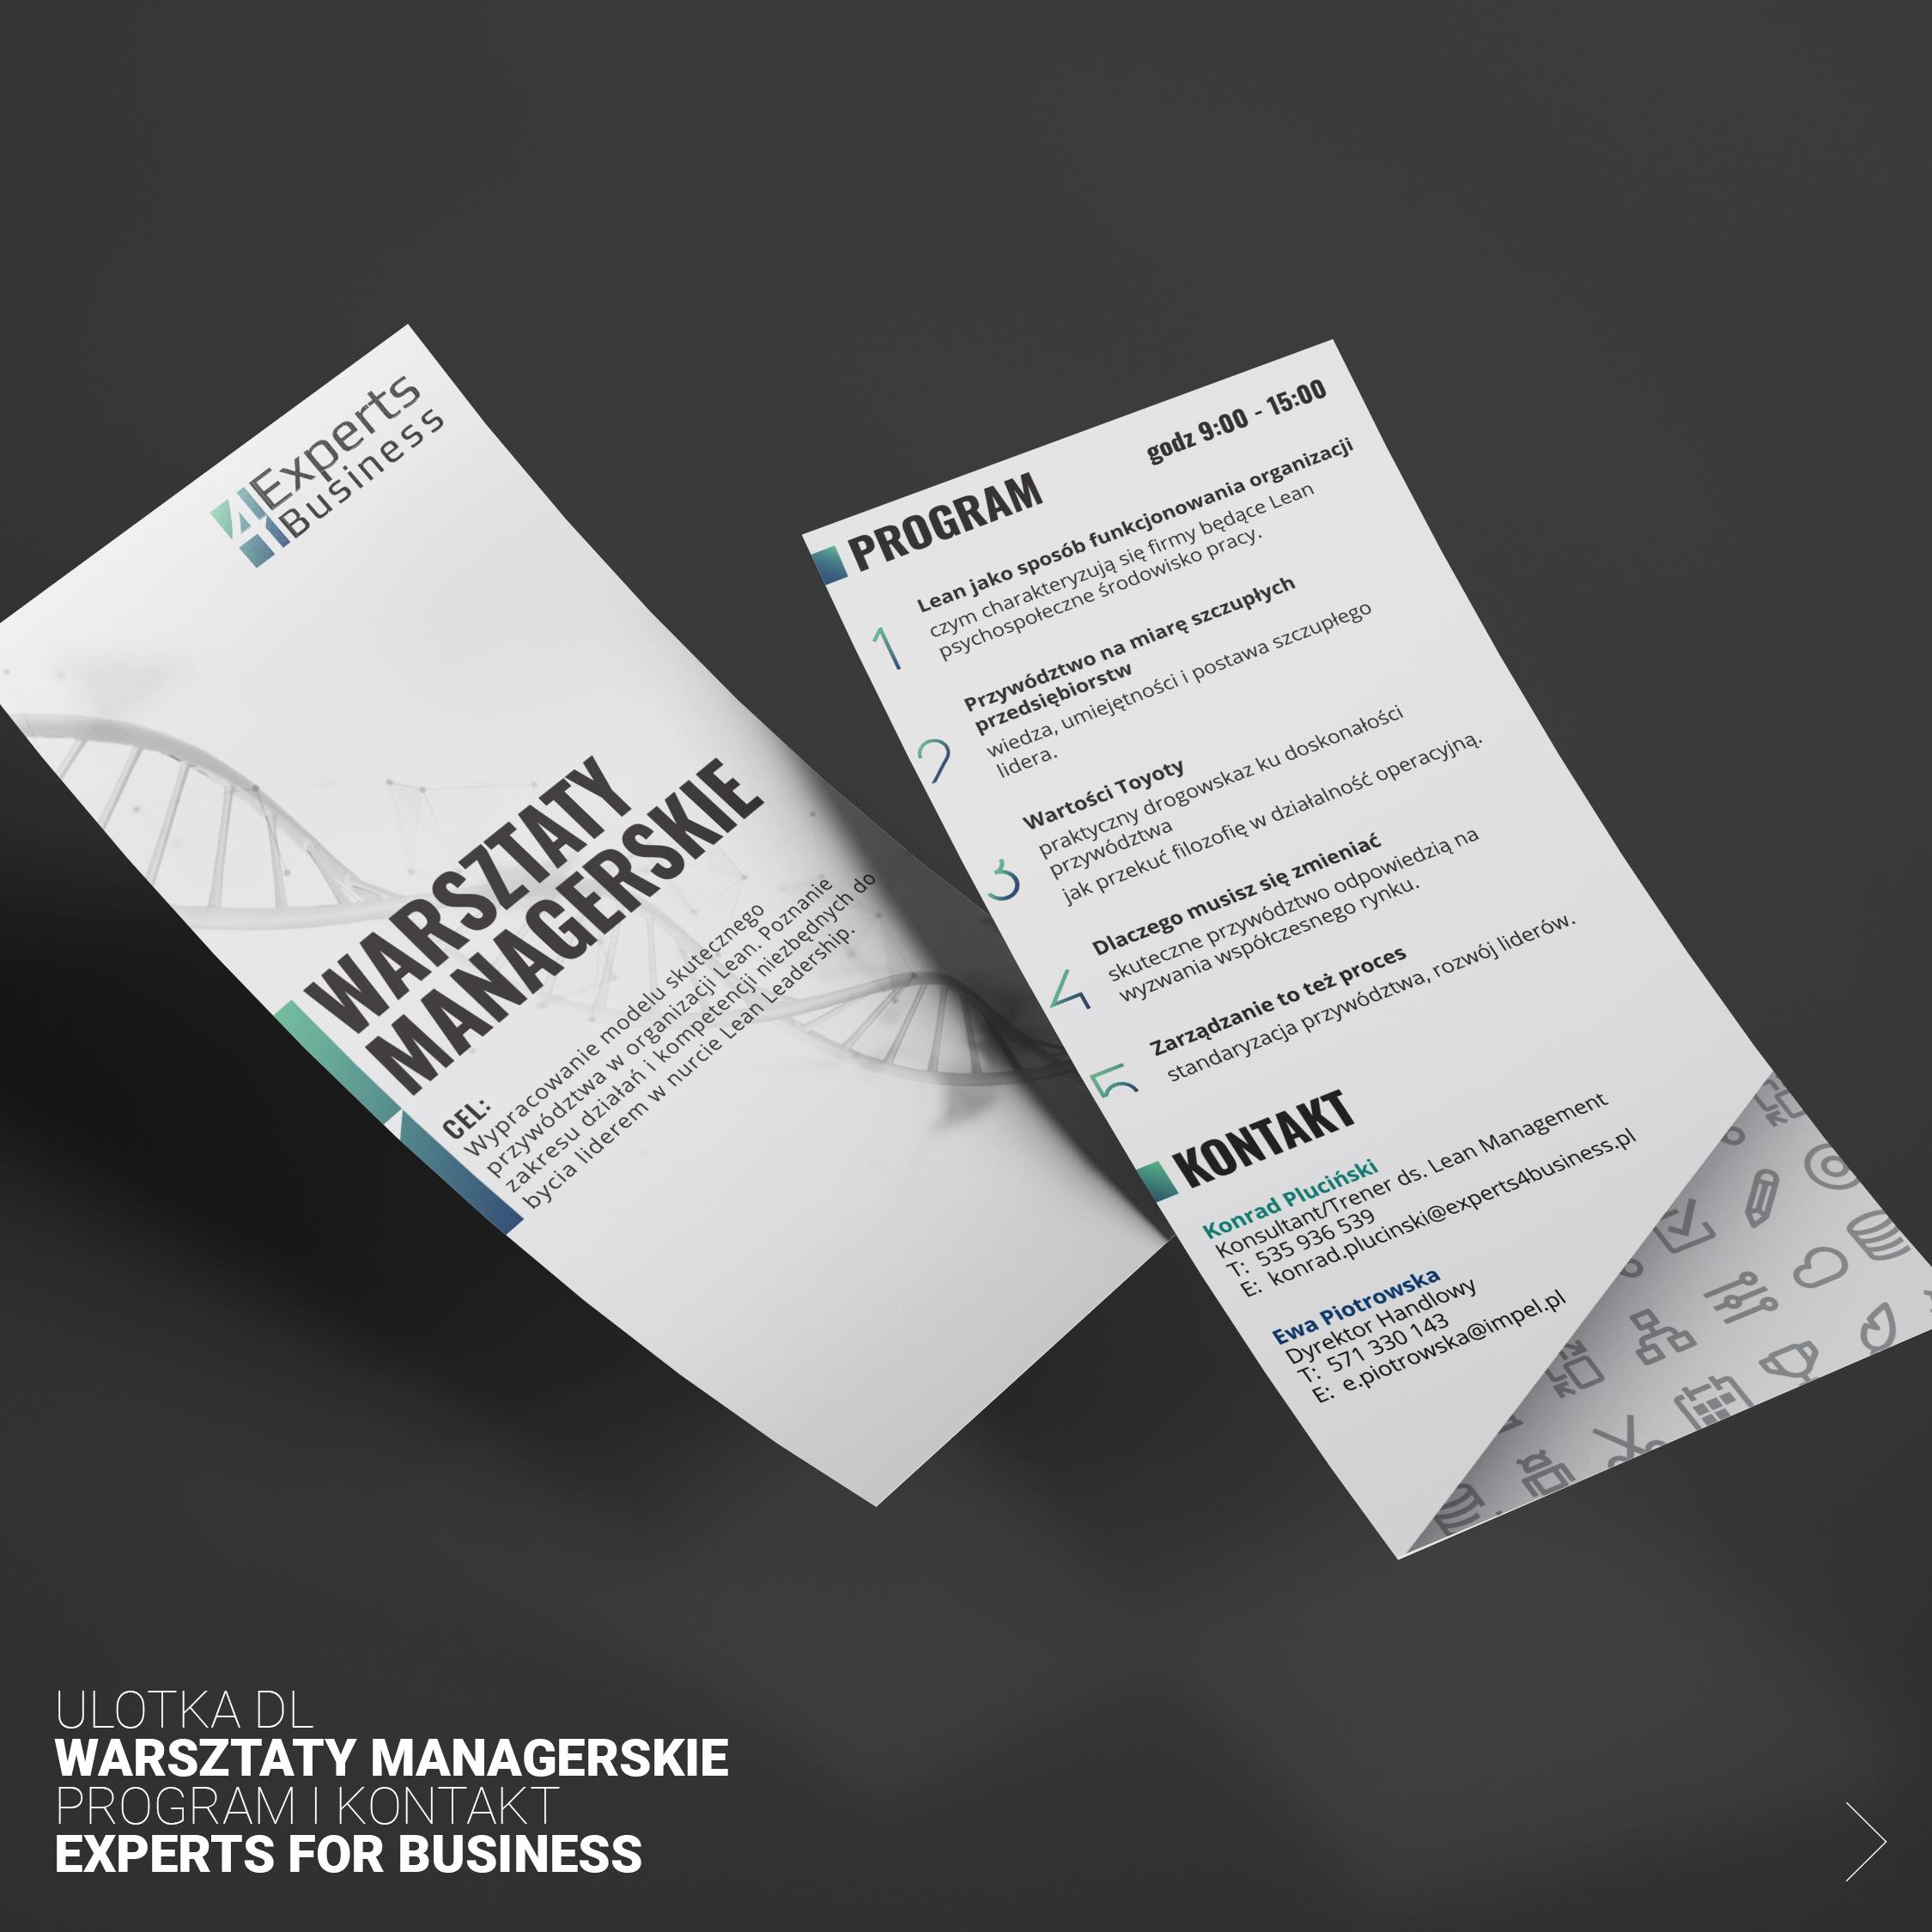 Projekt ulotki Warsztatów Managerskich